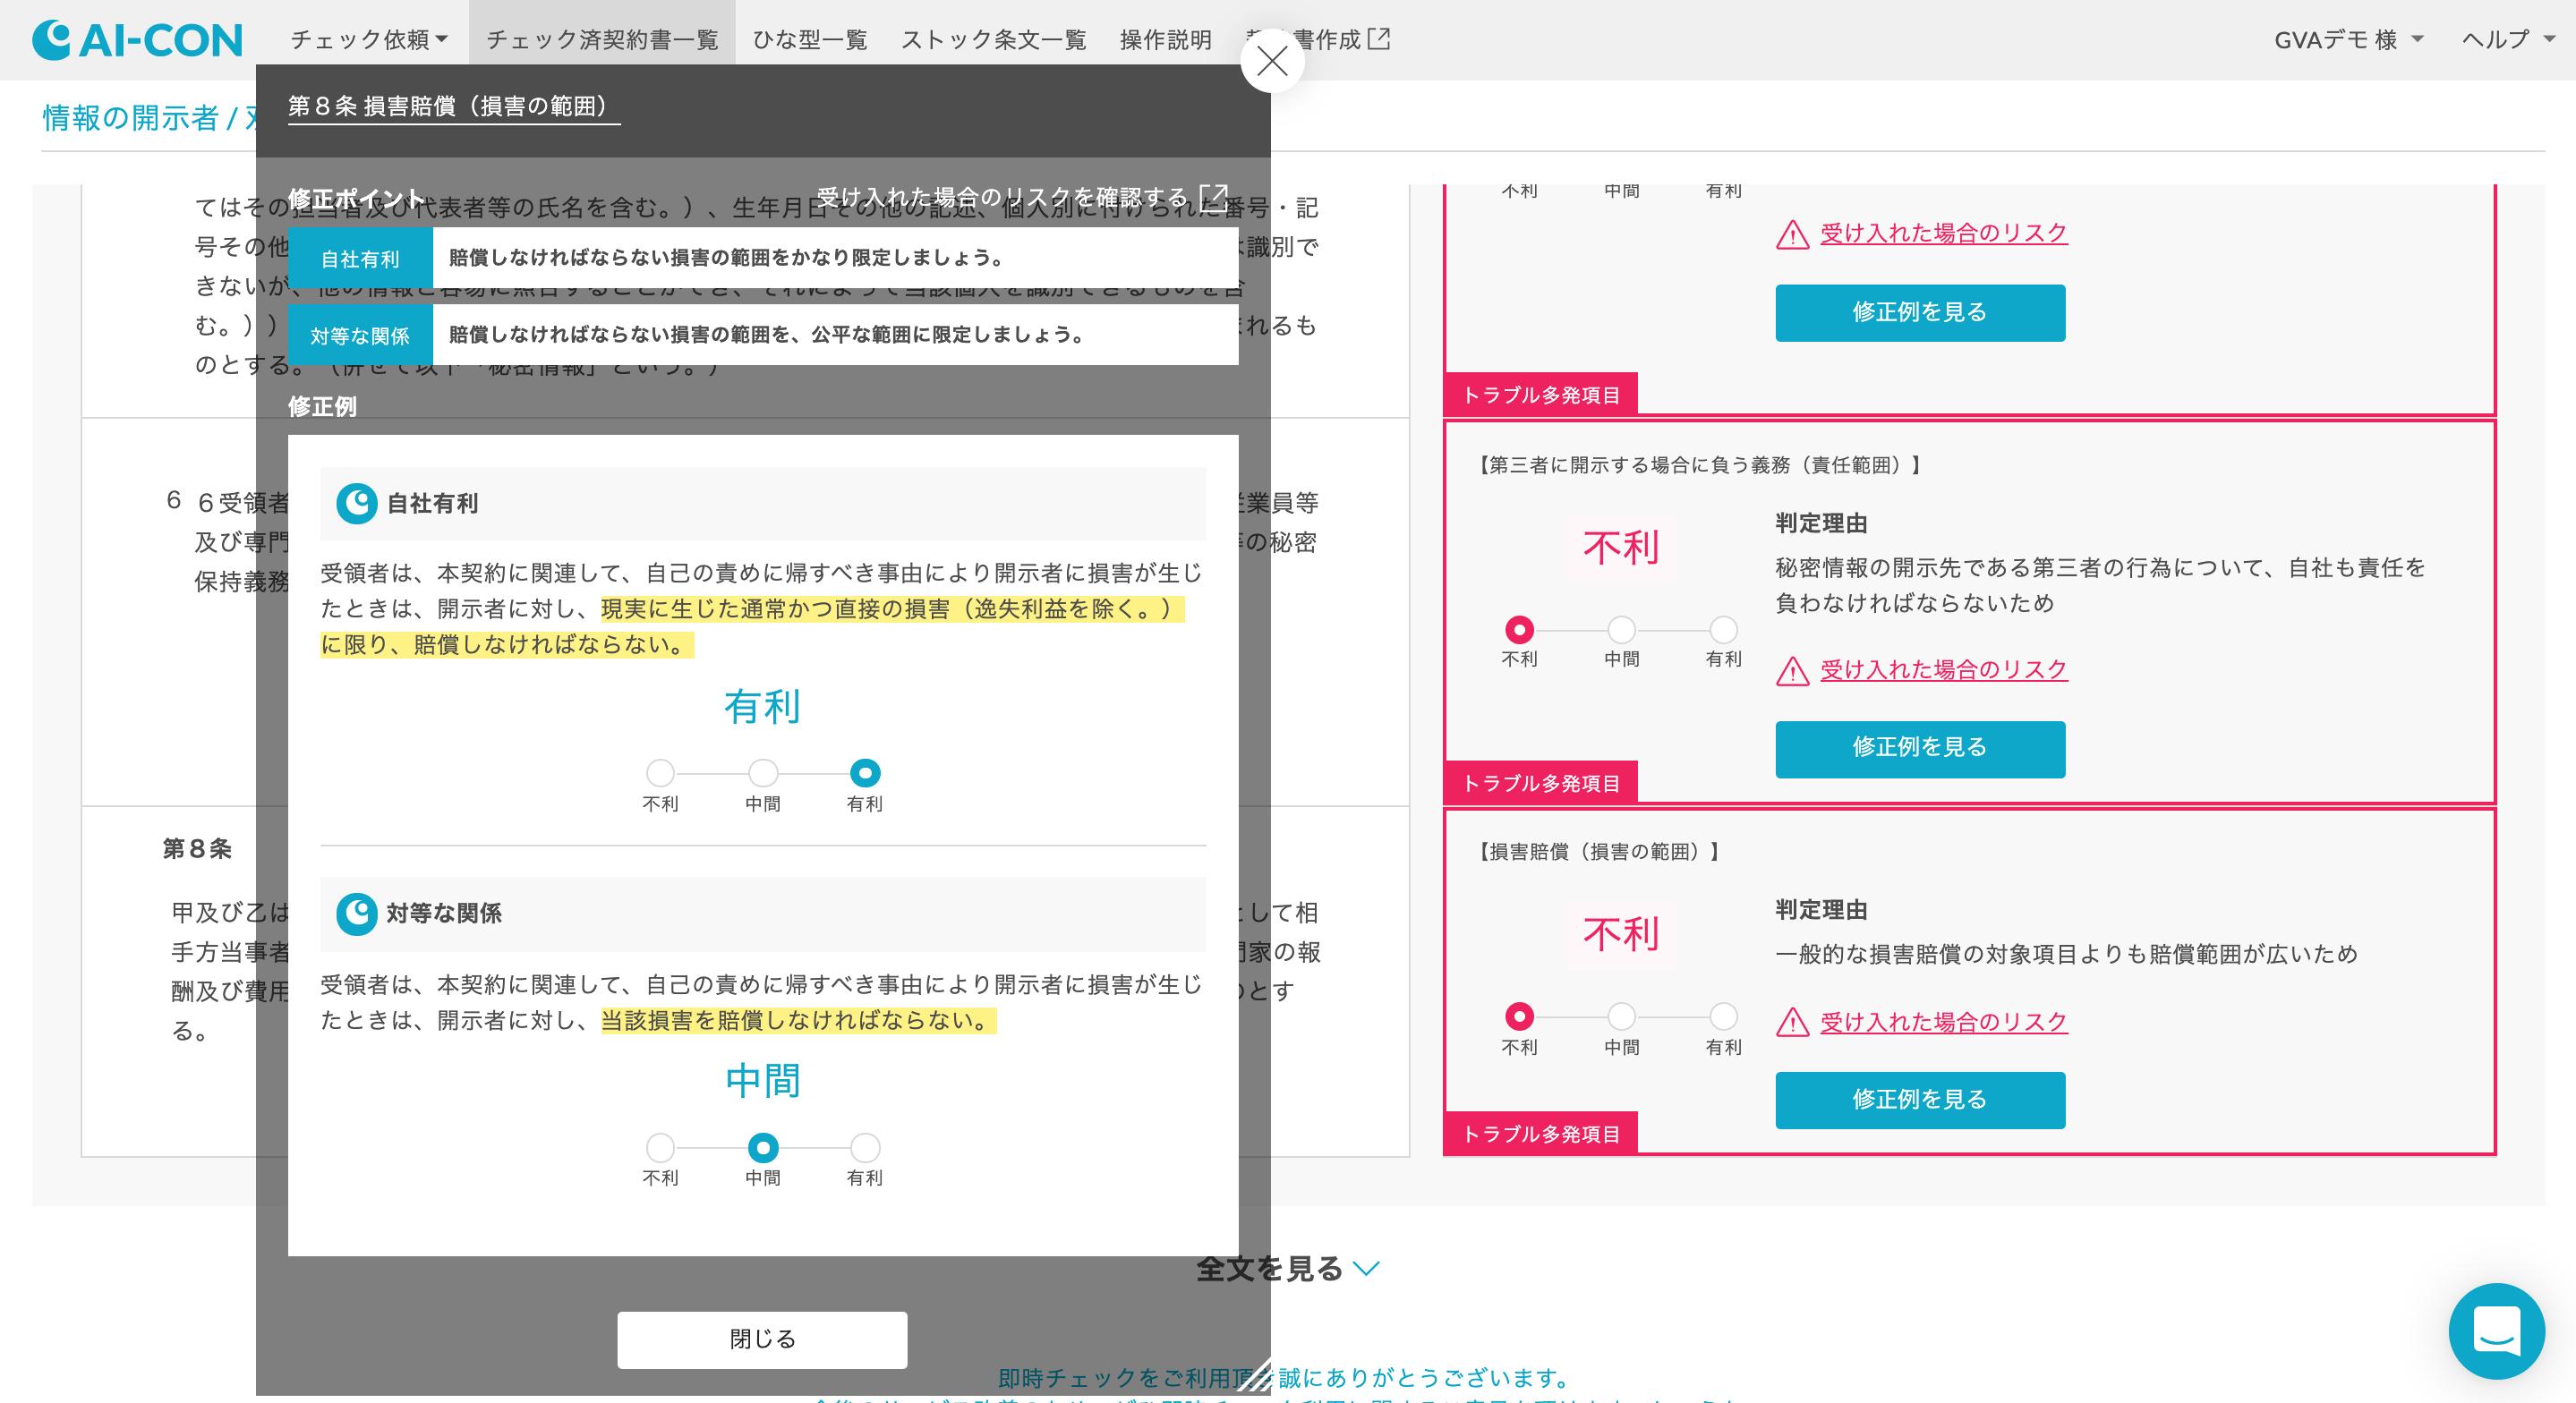 AI契約書レビューAI-CONの操作画面